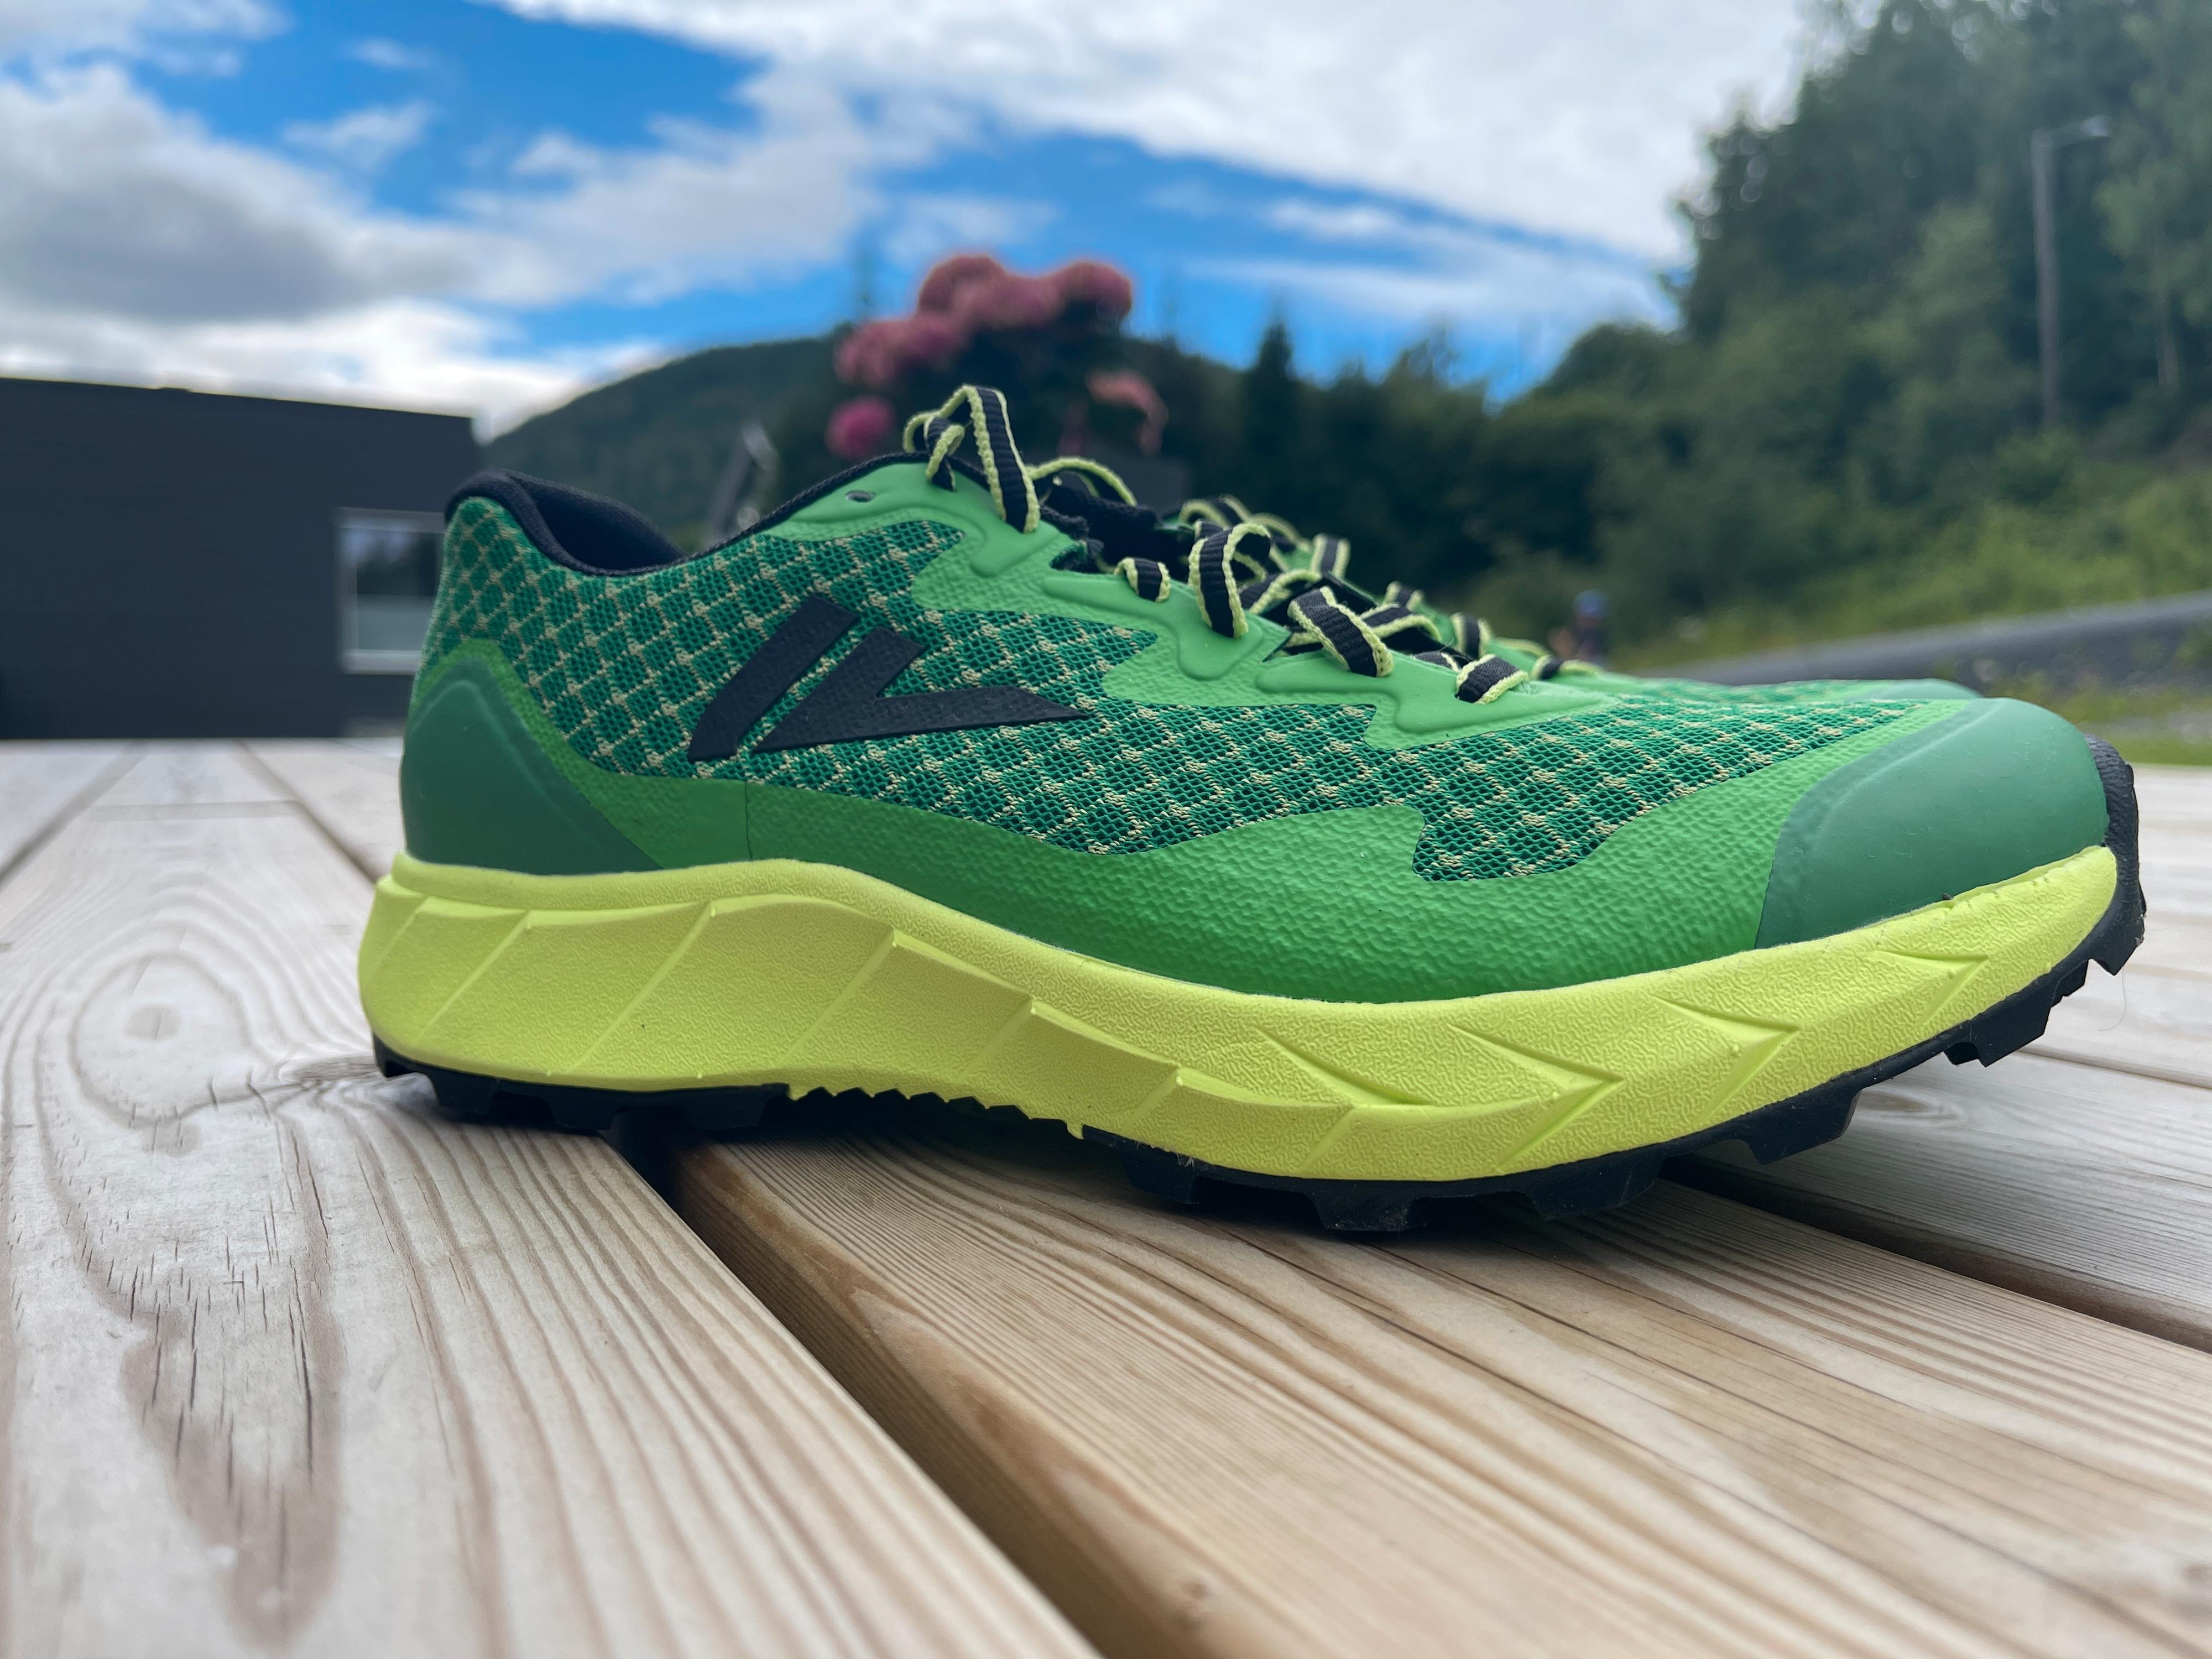 GRØNT OG SKJØNT: Skoene er utvilsomt freshe å se på. I terrenget går de i ett, og de leverer bra også!